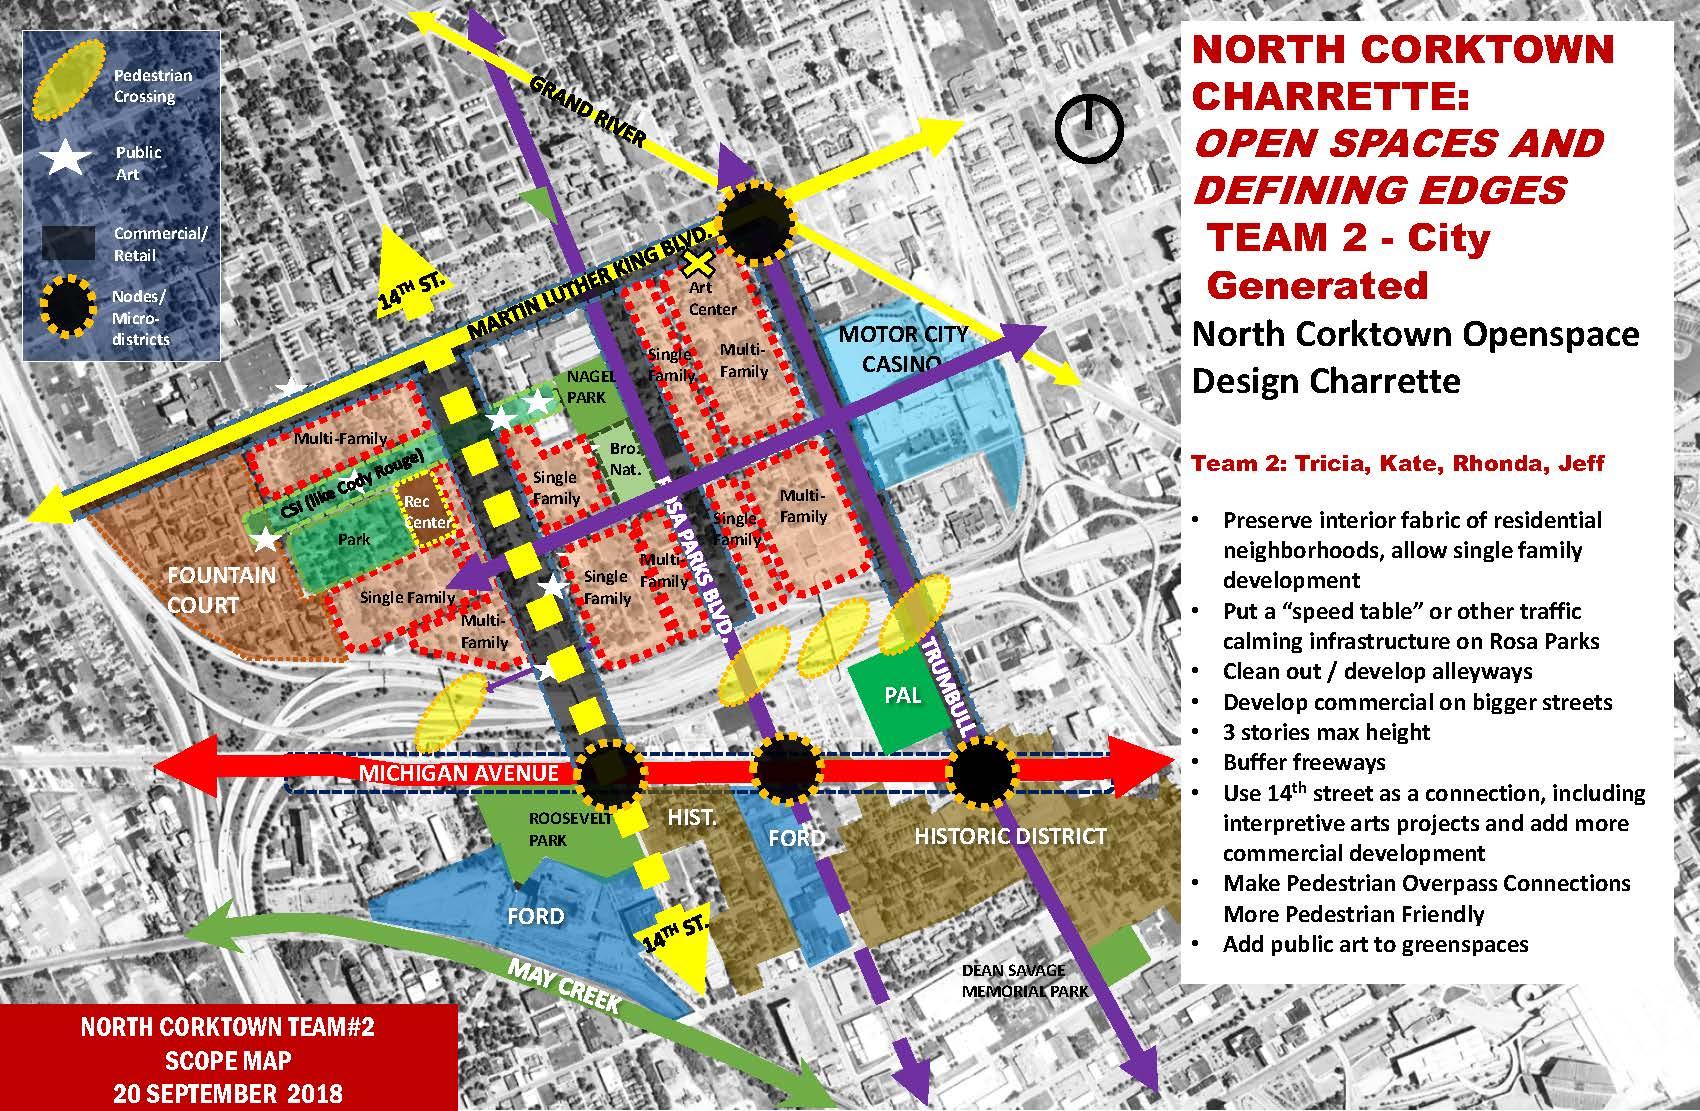 City of Detroit NoCo Charette Documents